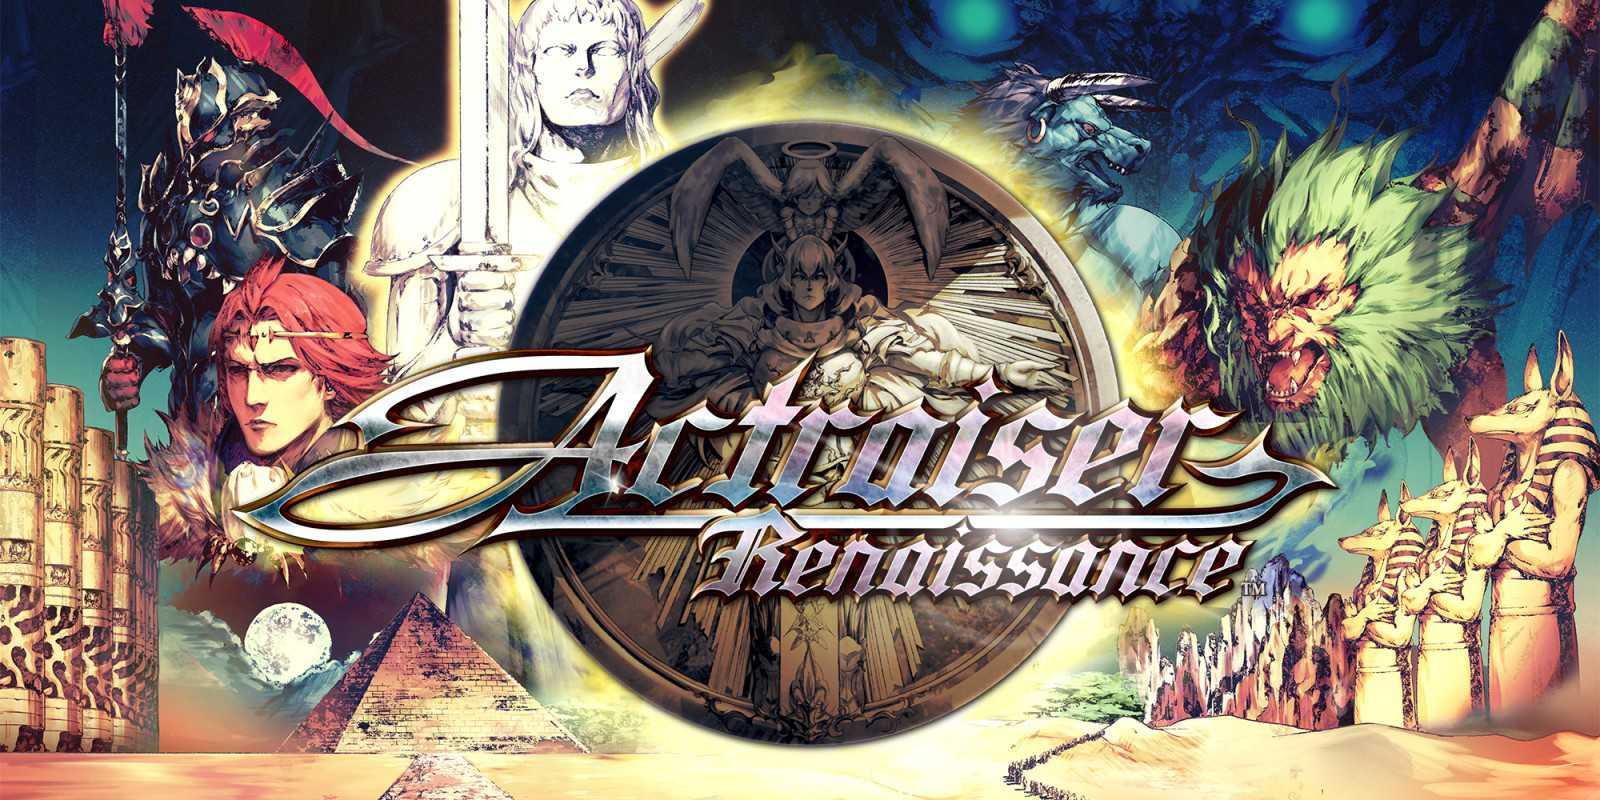 Actraiser Renaissance: Neuauflage eines SNES-Klassikers